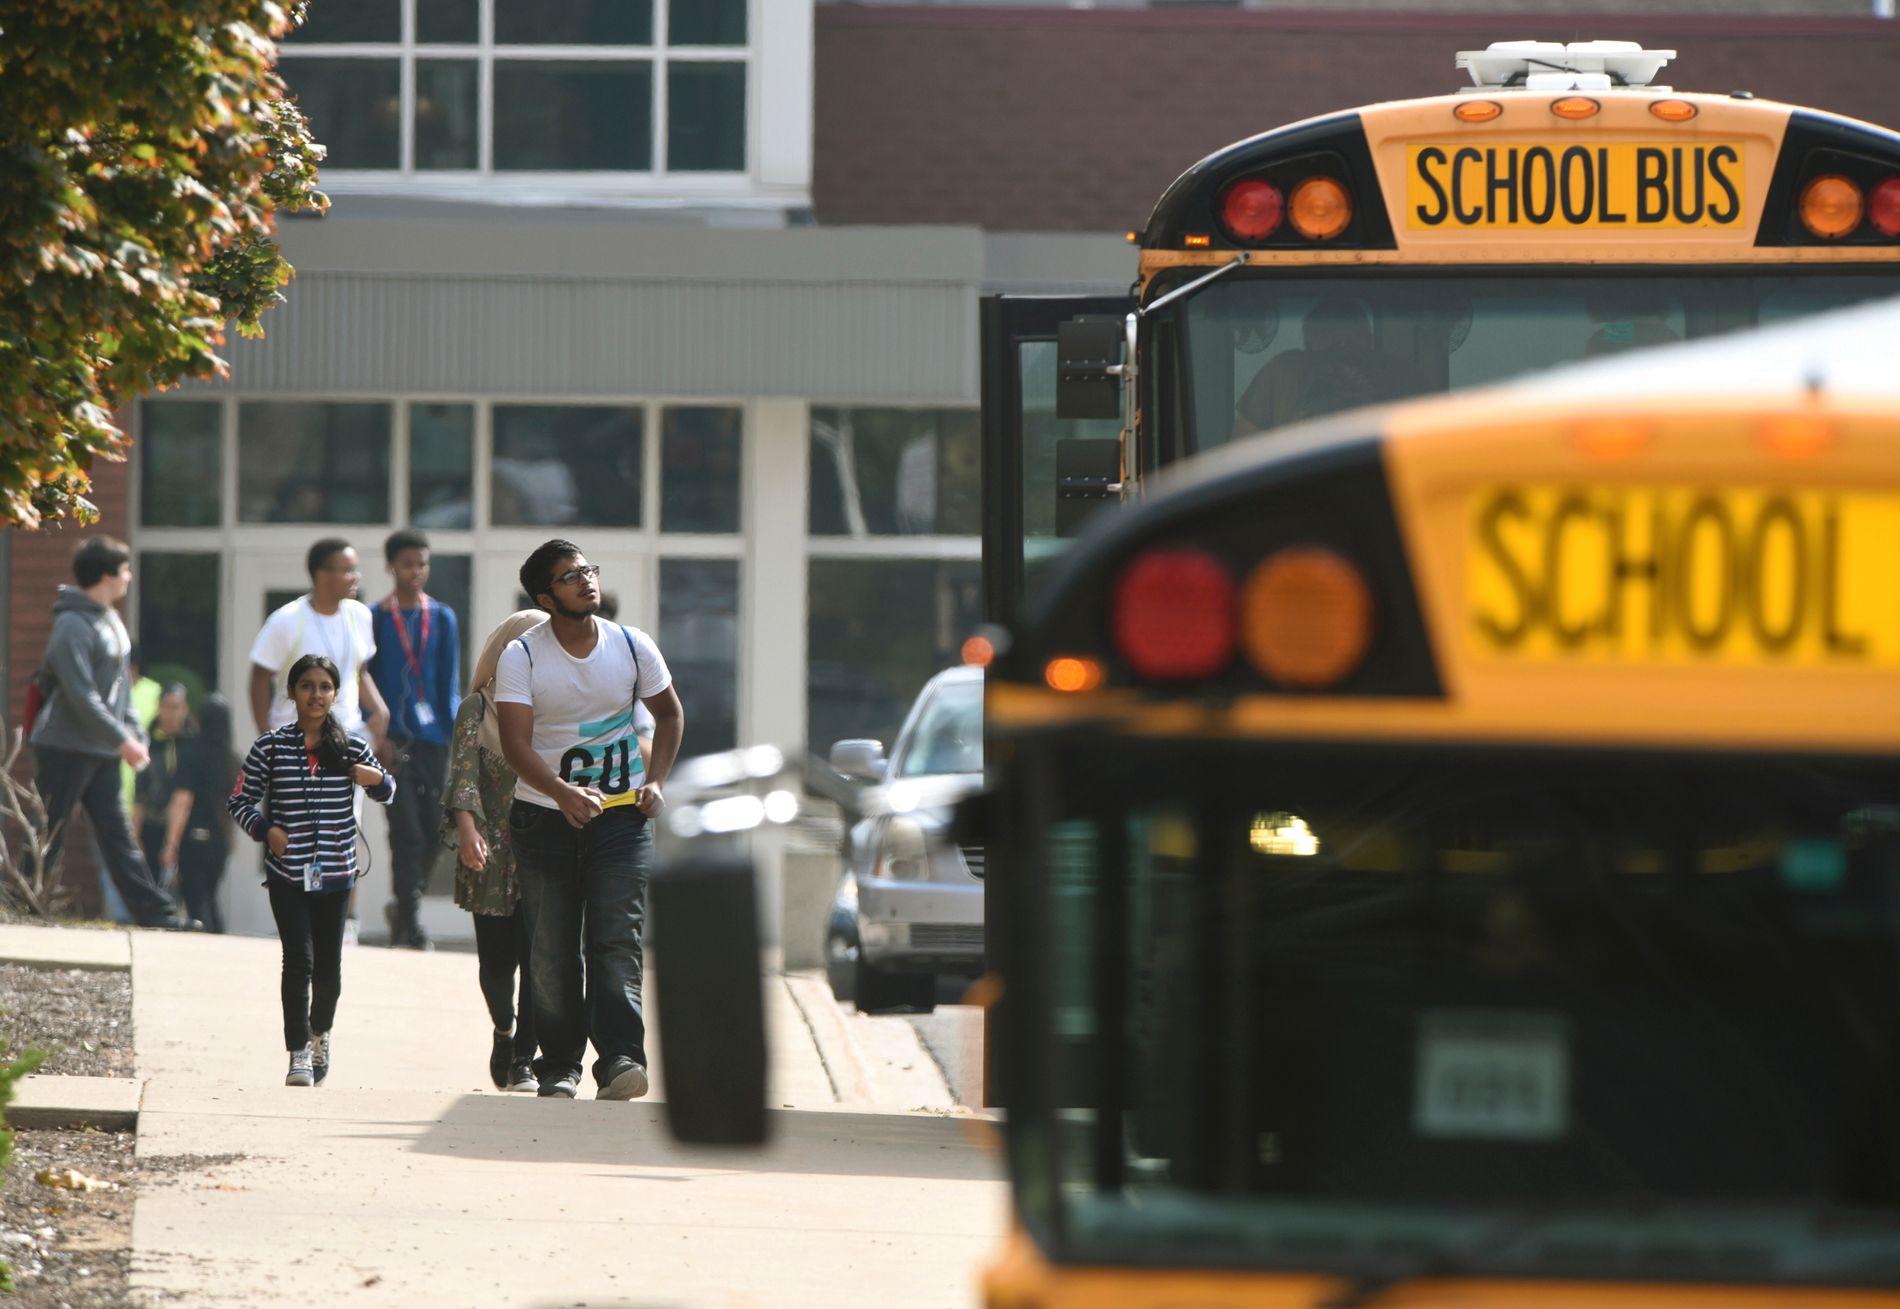 DØDE ONSDAG: En 16 år gammel jente ble knivstukket på Warren Fitzgerald High School onsdag, og døde senere av skadene.